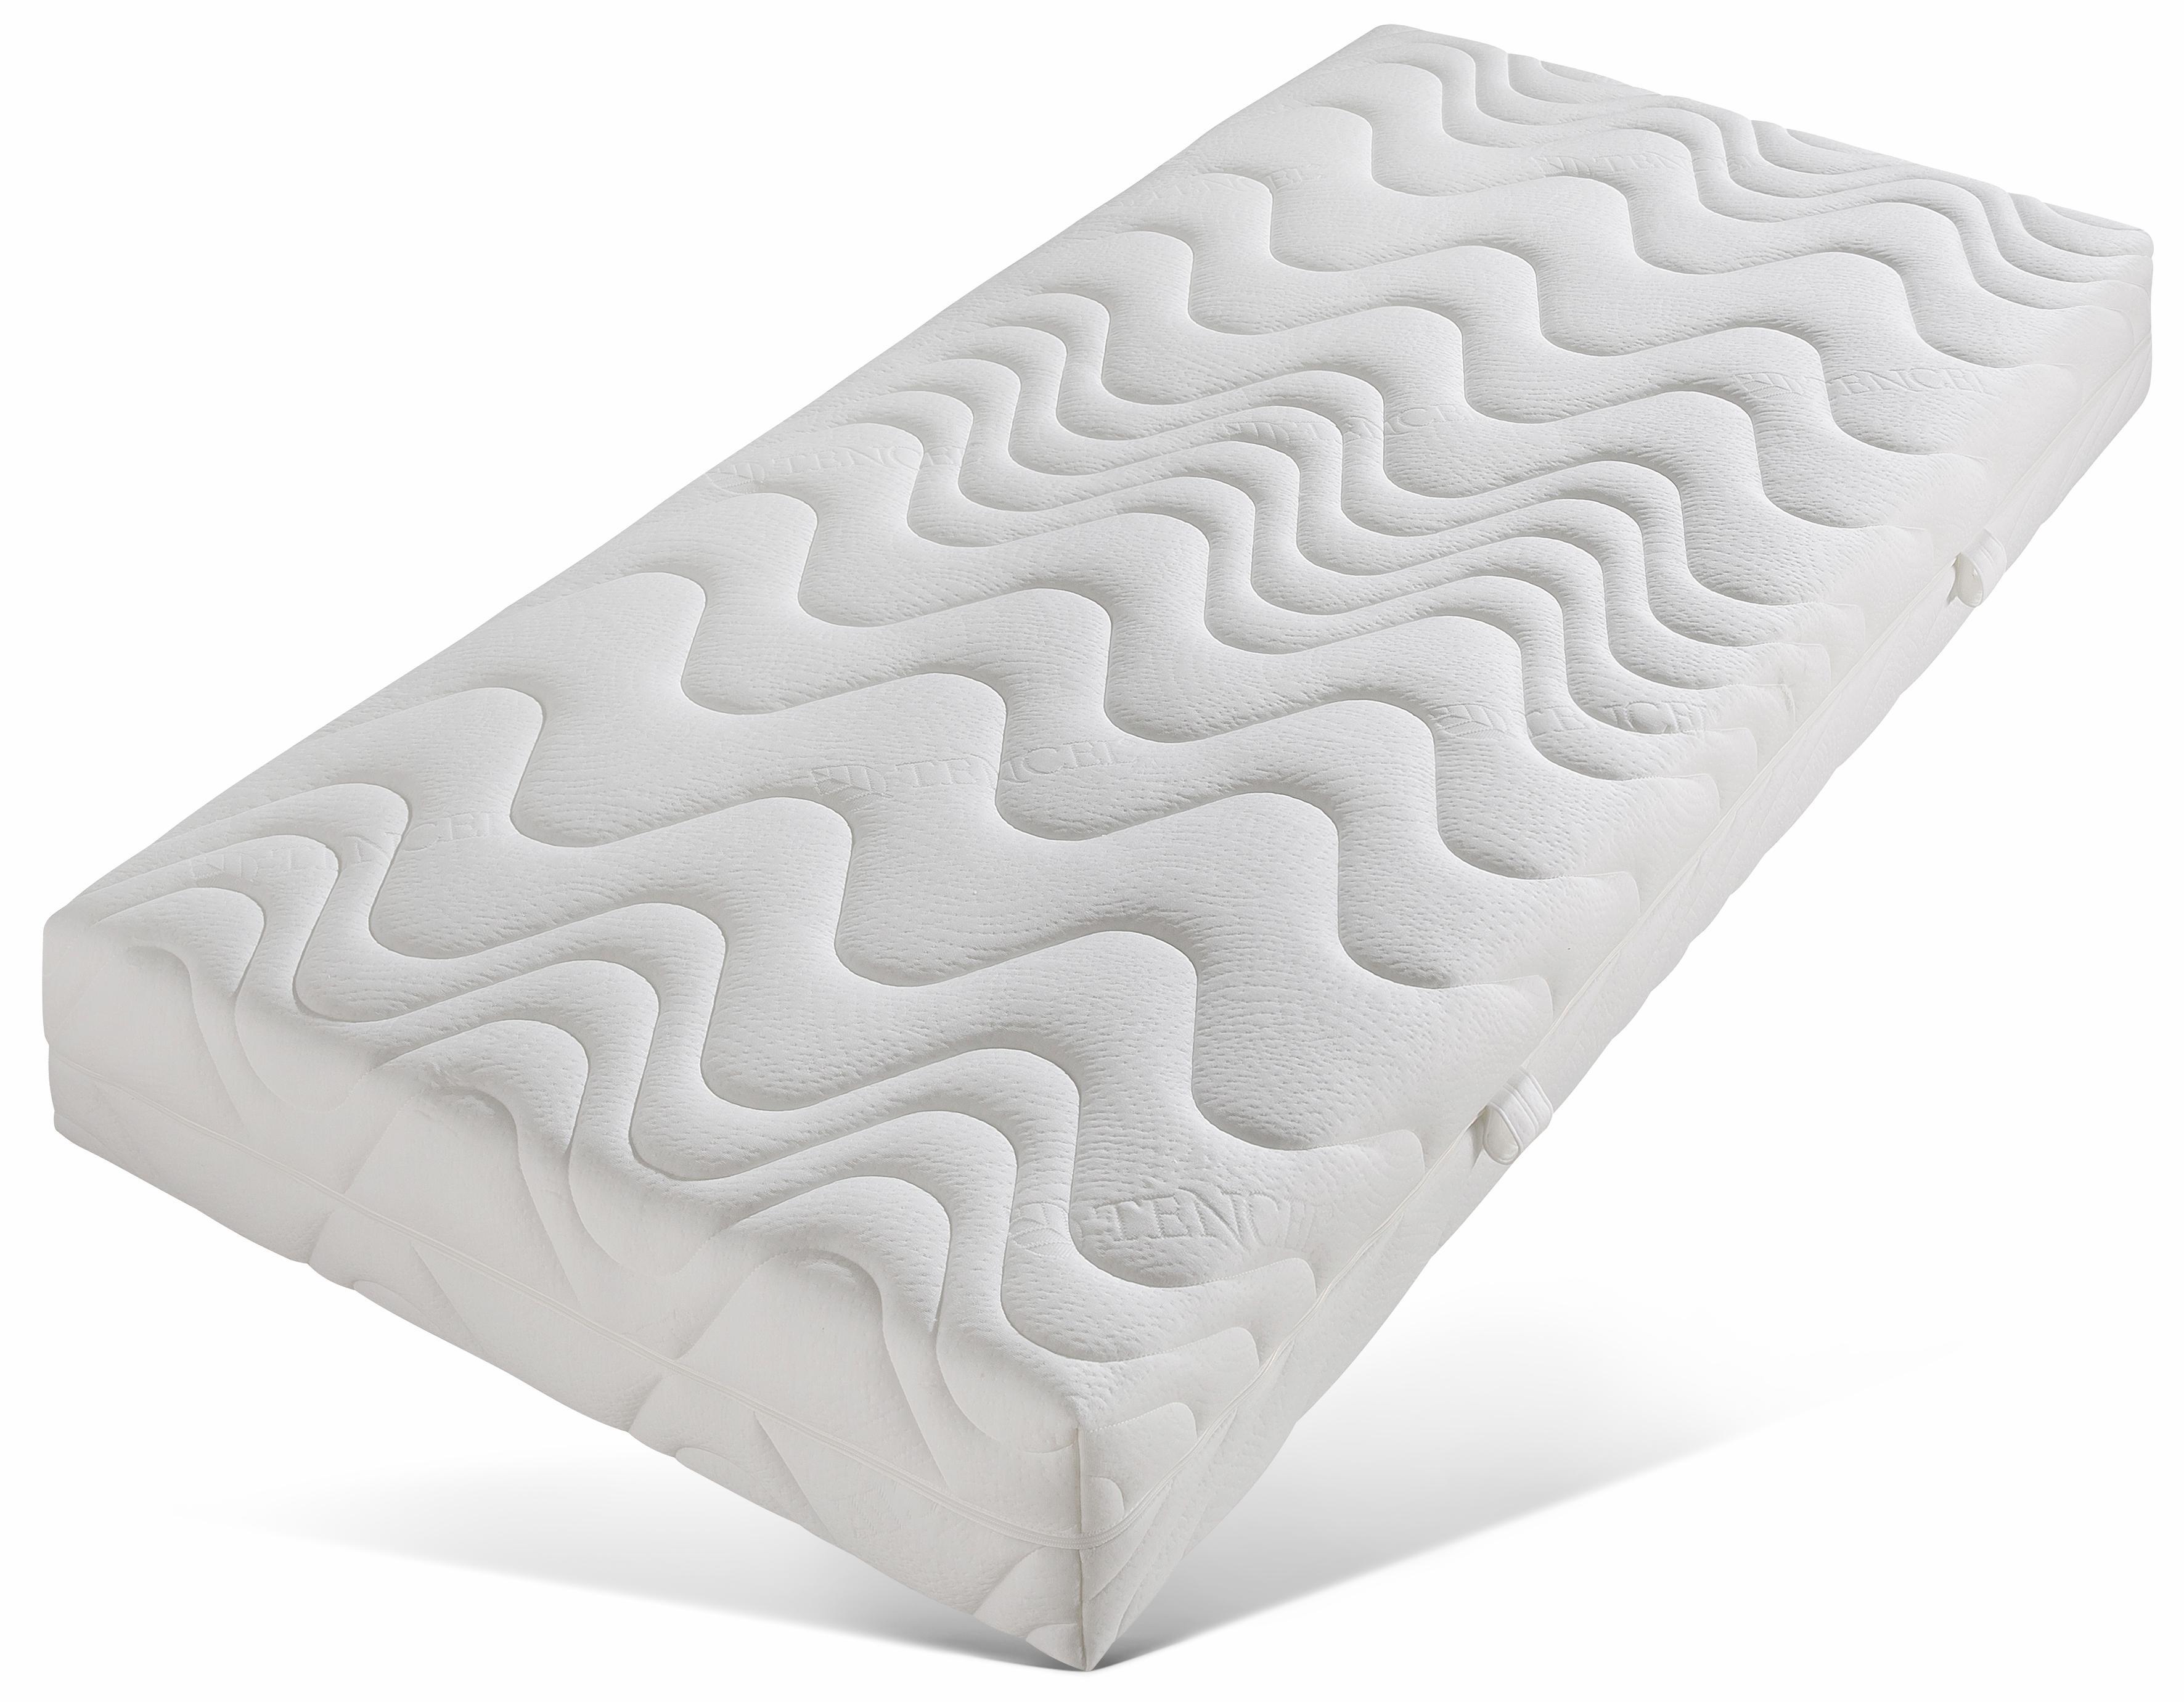 Gelschaummatratze »Pro Gel Luxus«, Beco, 26 cm hoch   Schlafzimmer > Matratzen > Gelmatratzen   Stoff   BECO